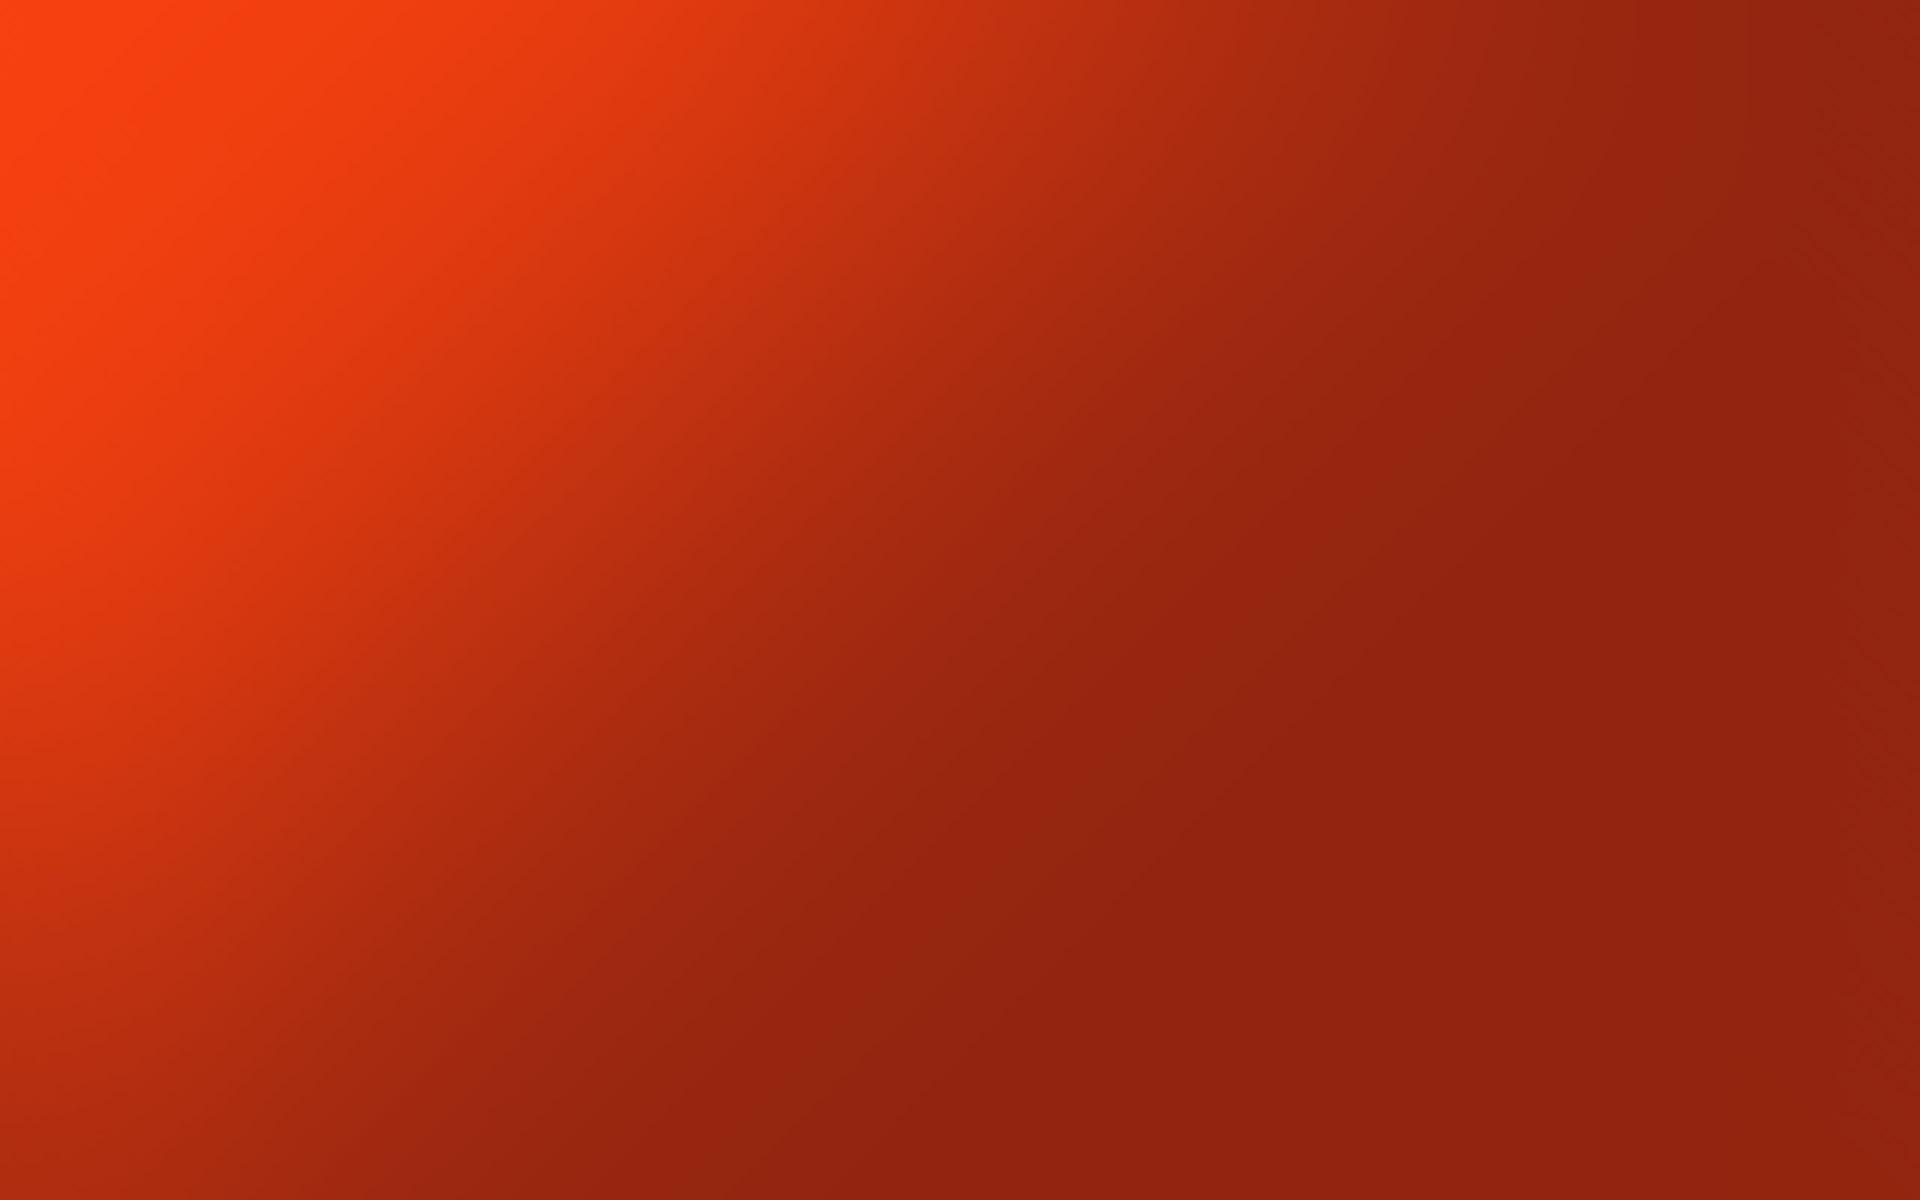 wallpaper_en_color_rojo_1920x1200_131